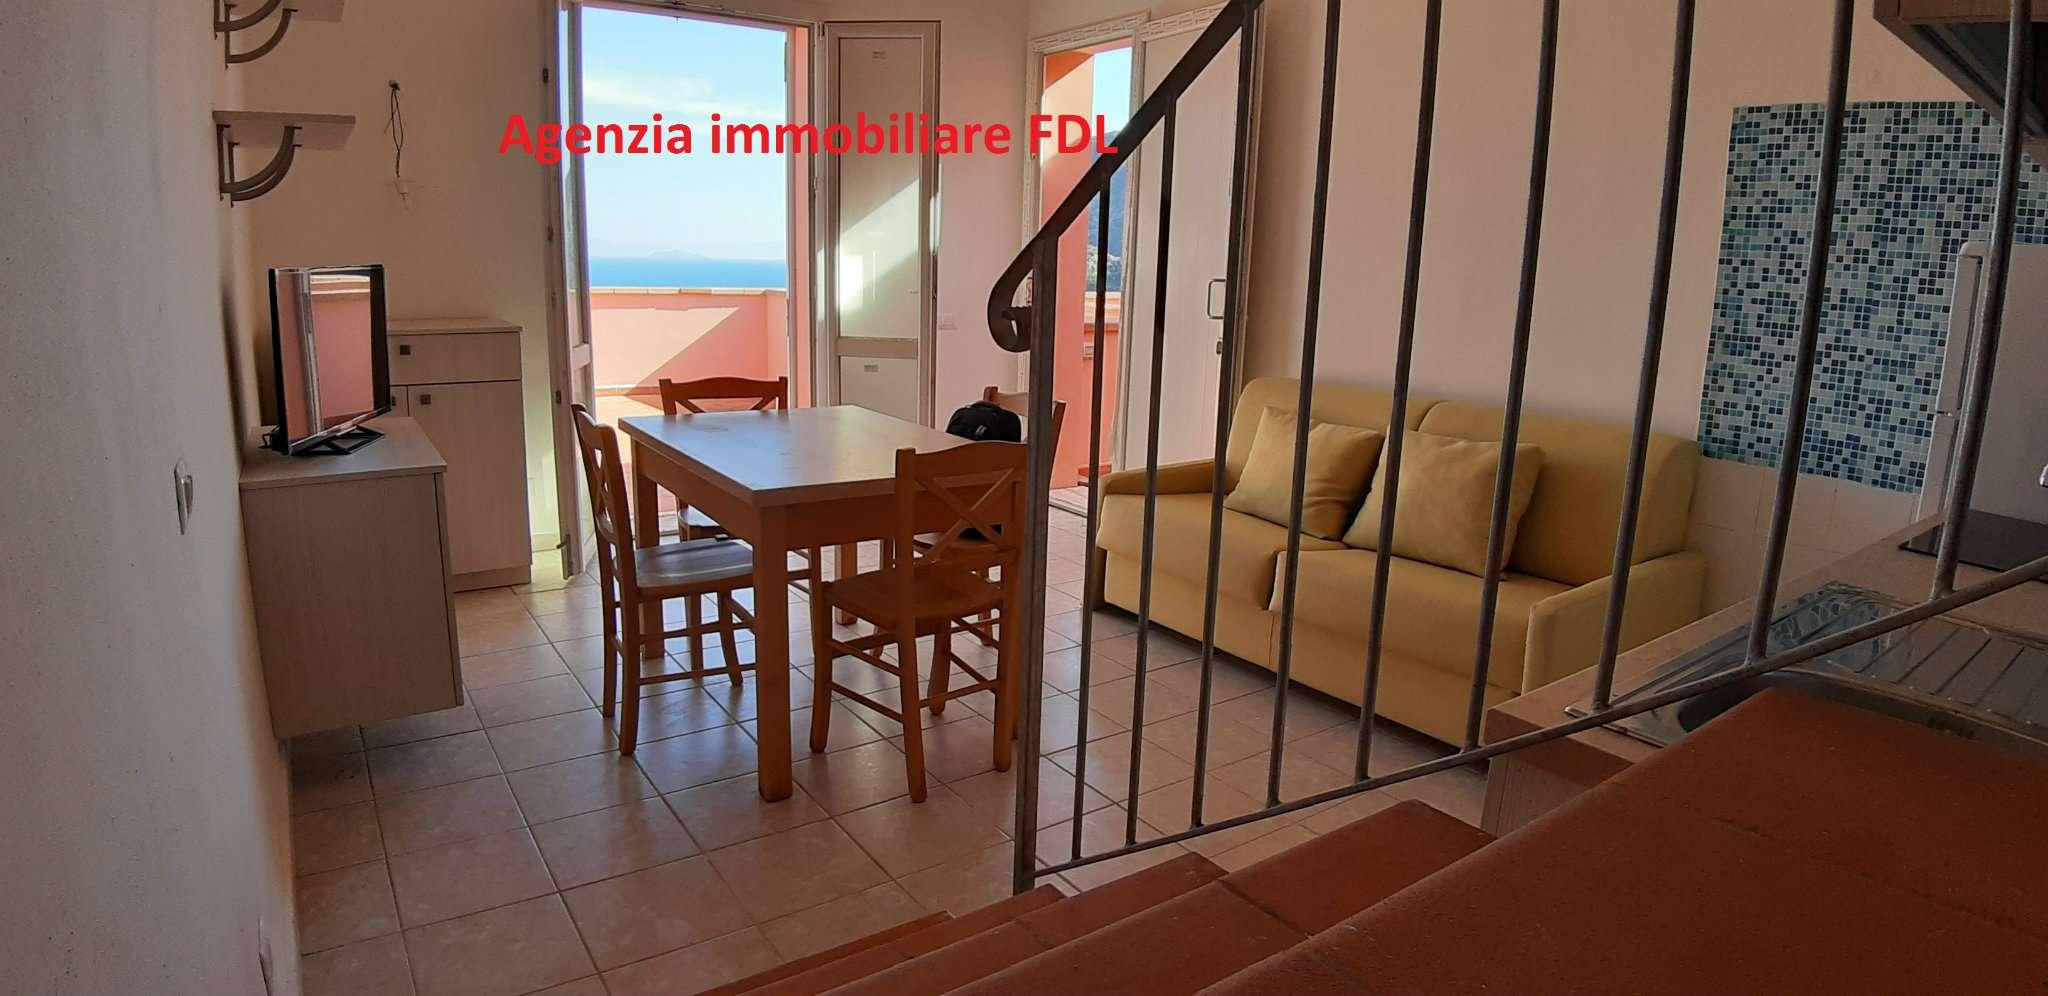 Appartamento in vendita a Rio Marina, 3 locali, prezzo € 230.000 | PortaleAgenzieImmobiliari.it